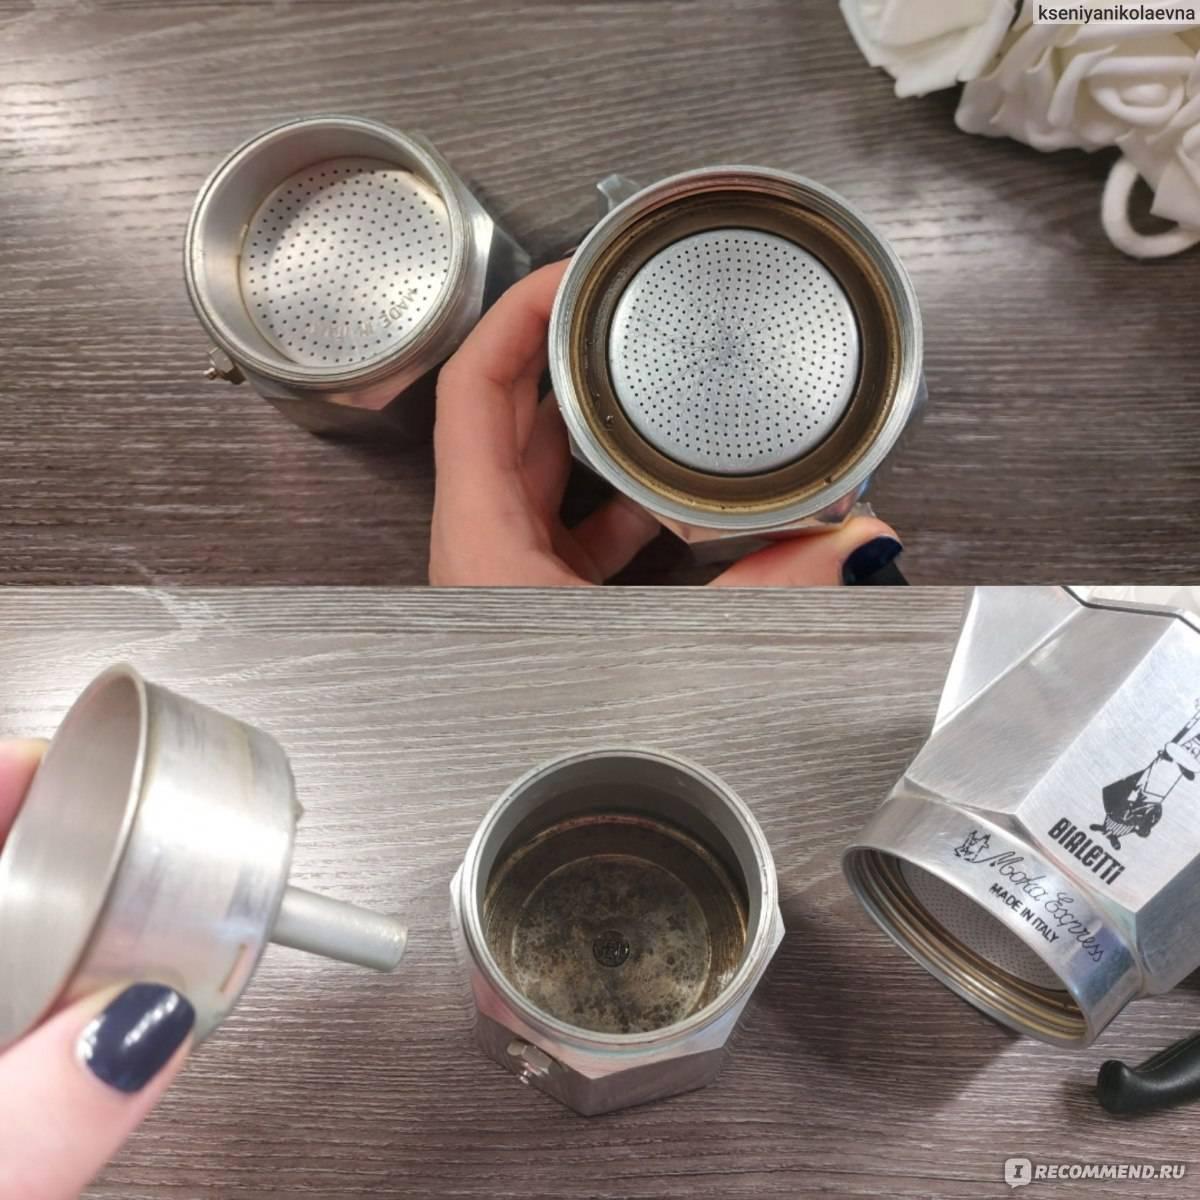 Таблетки от накипи для кофемашины | кофеварка